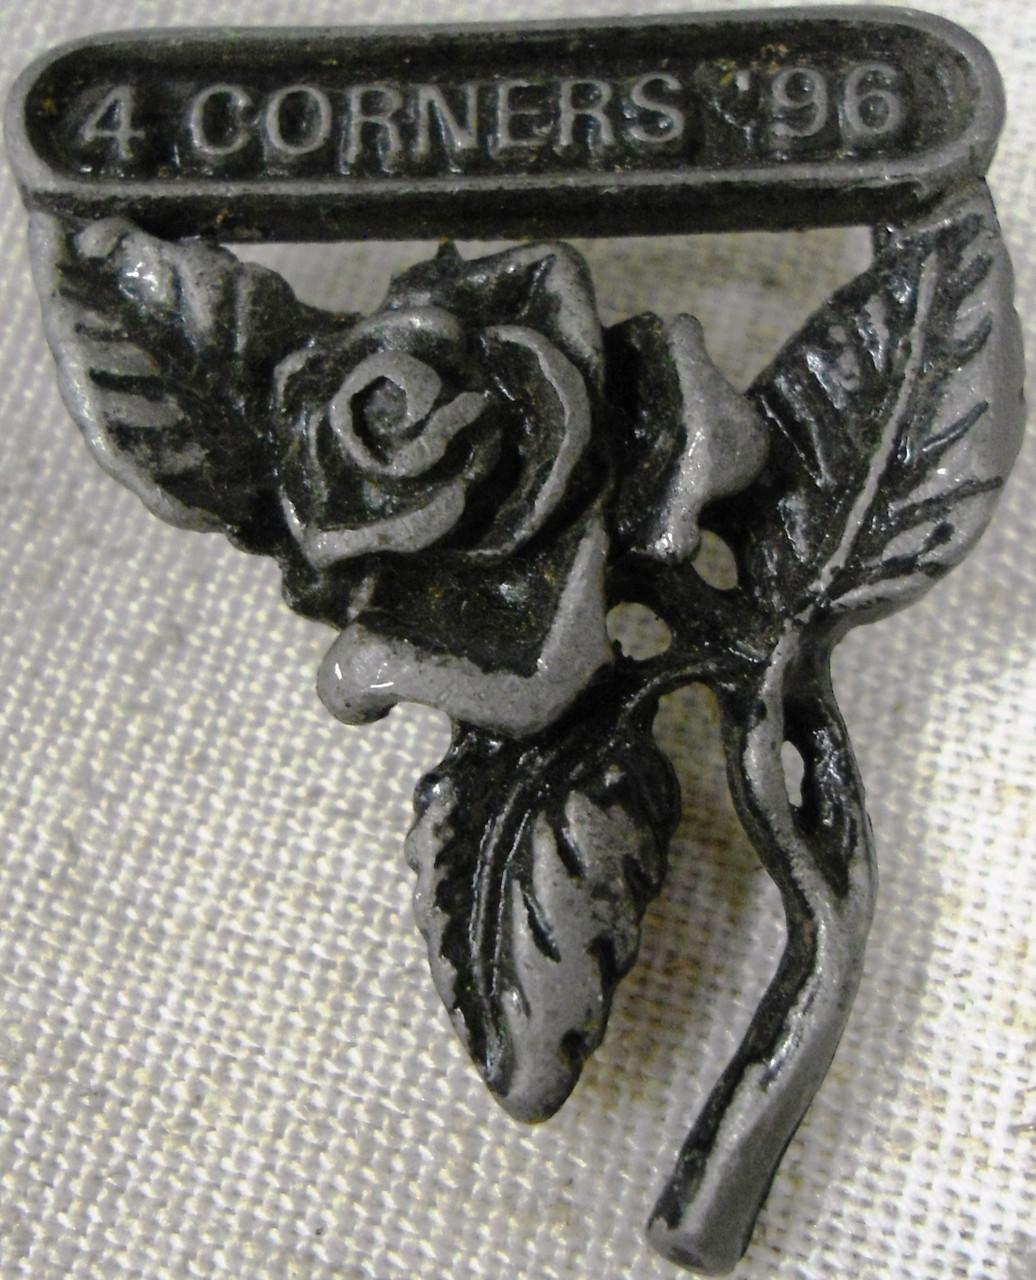 Pewter 4 Corners 1996 Rose Pin